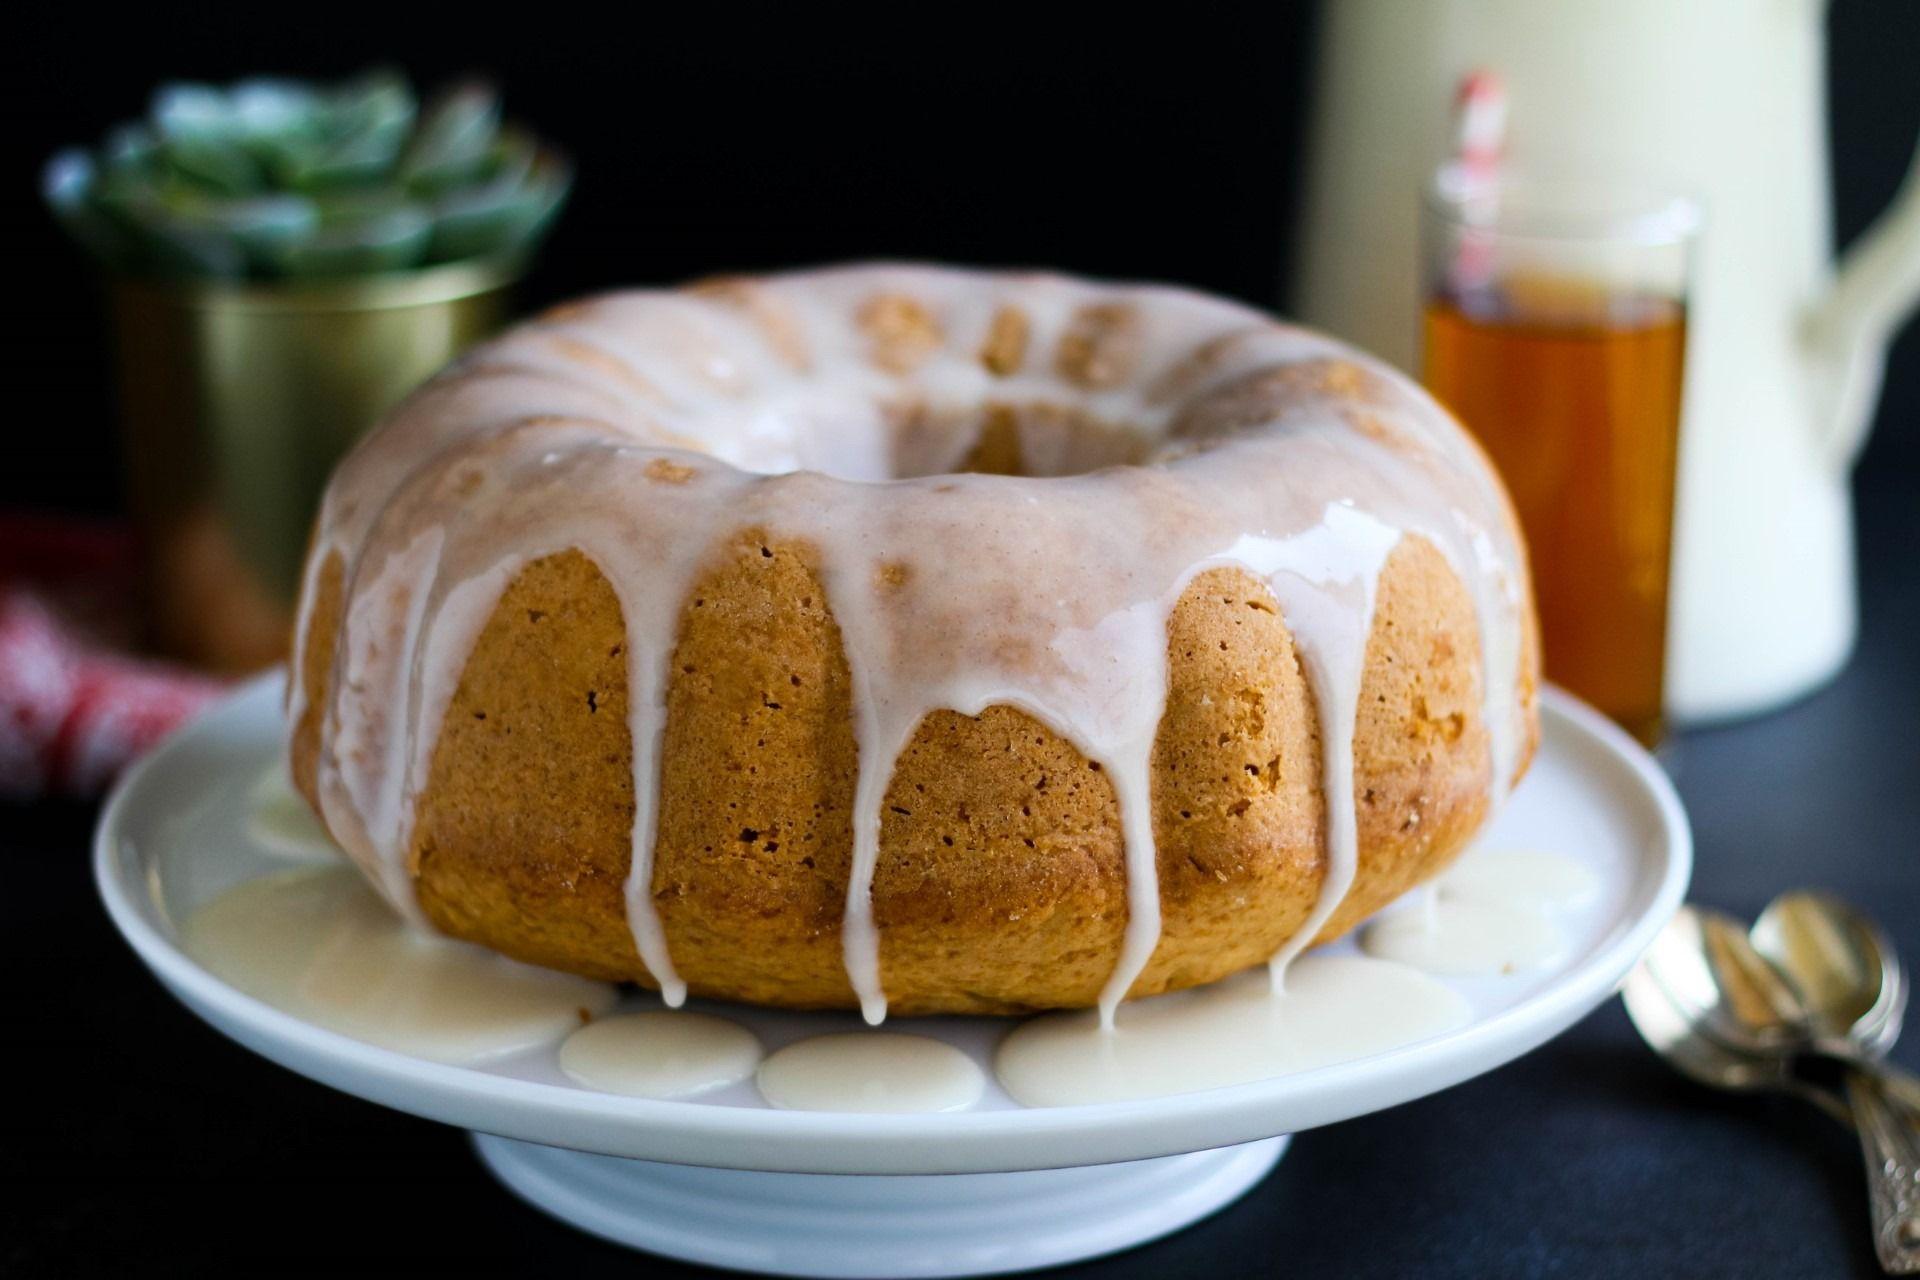 עוגת מיץ תפוחים בחושה עם גלייז מתוק